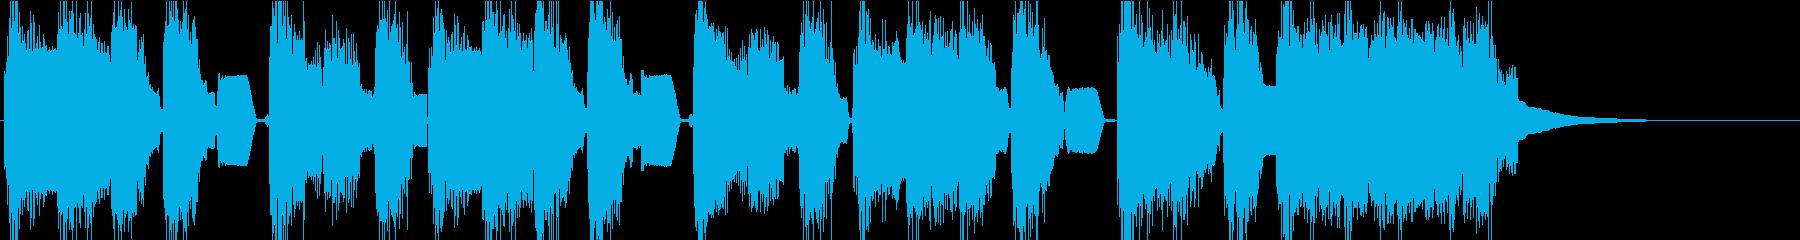 カワイイ チップチューン風ジングルの再生済みの波形